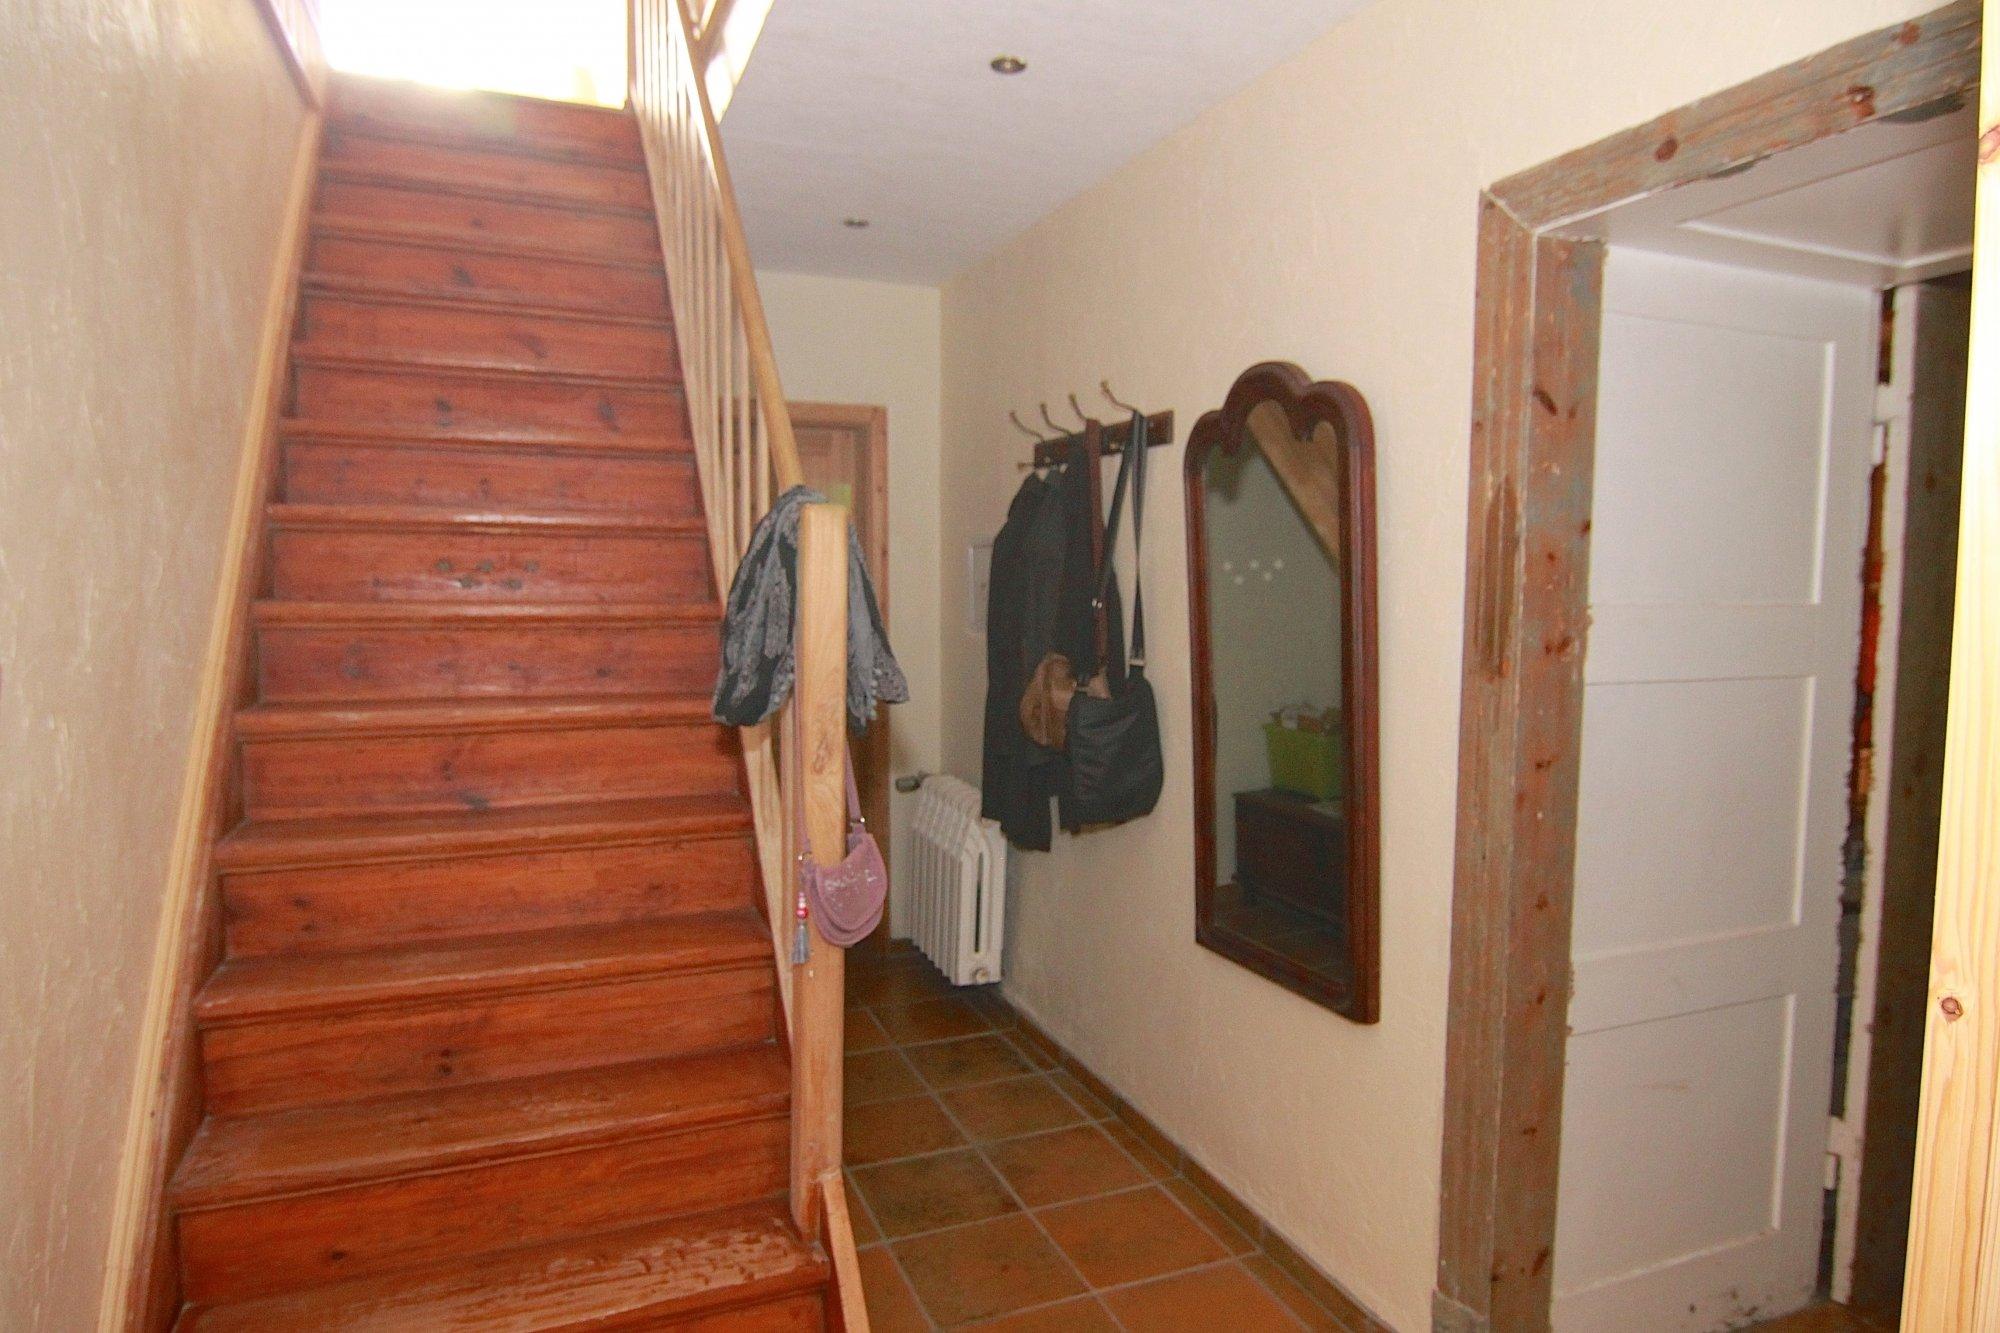 Vorderer Flur im EG; Treppe zum DG, re. Zugang Küche